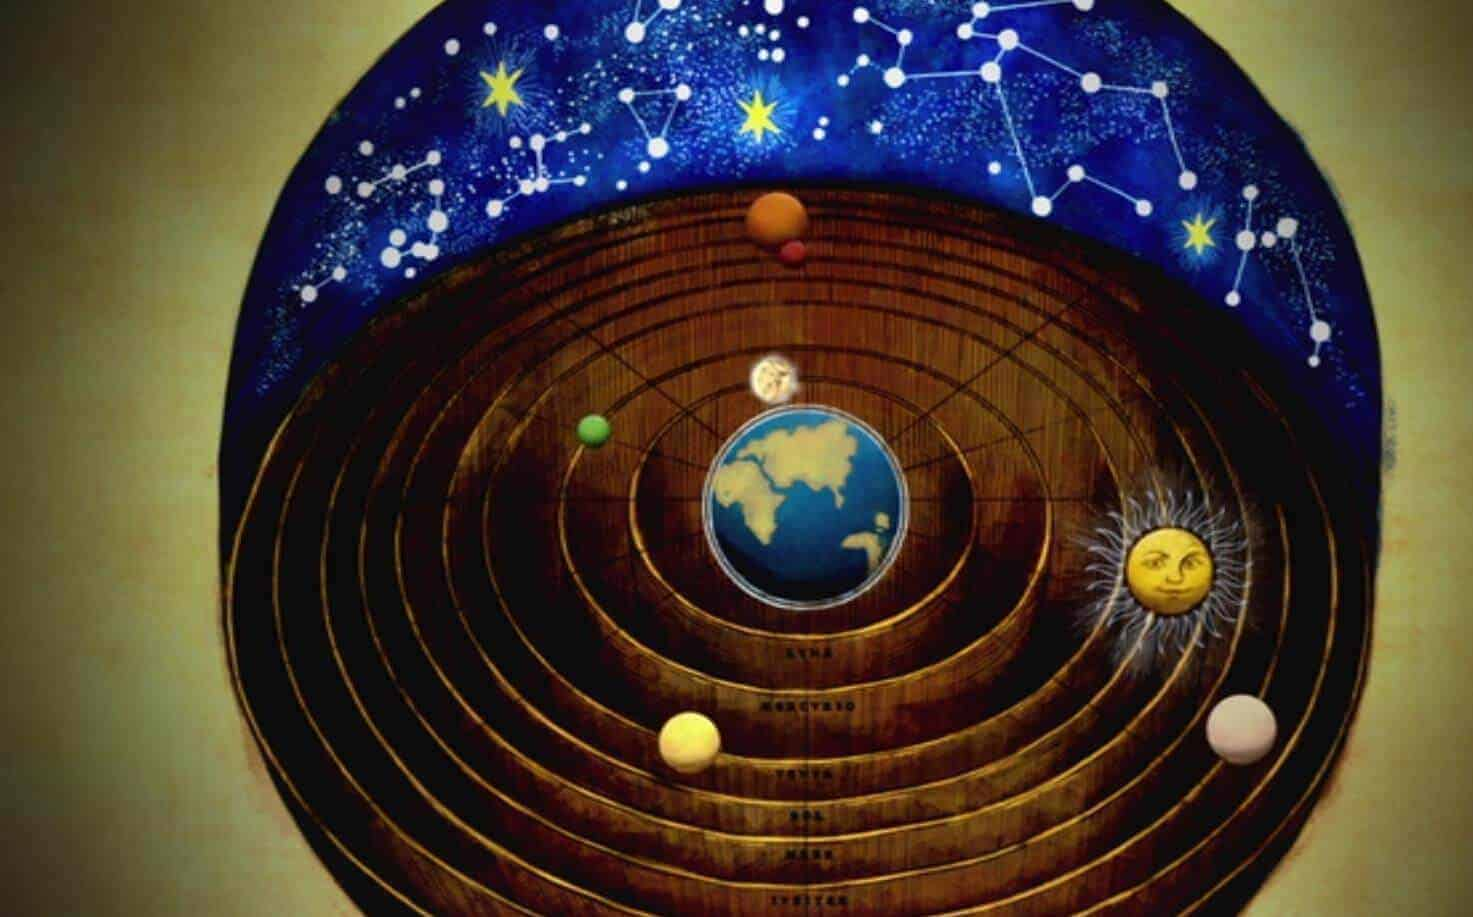 güneş merkezli evren modeli